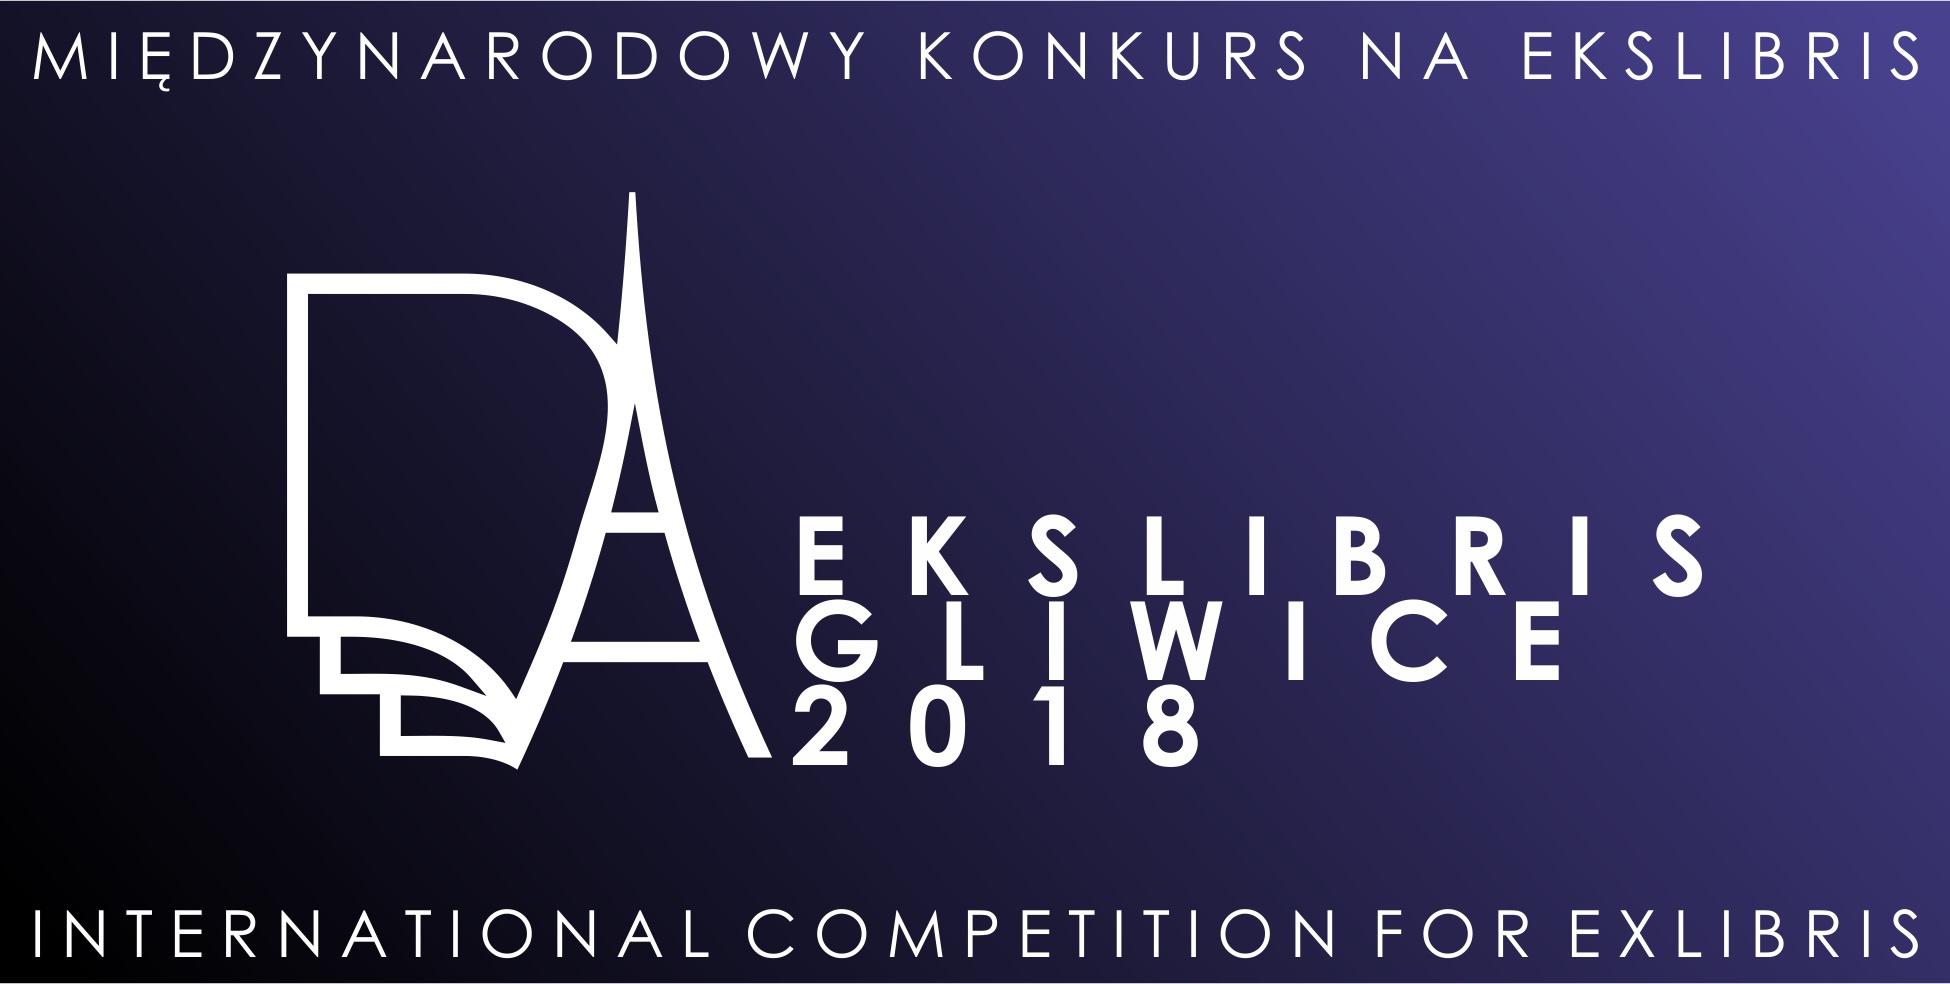 XII Międzynarodowy Konkurs Graficzny na Ekslibris. Gliwice 2018 (źródło: materiały prasowe organizatora)